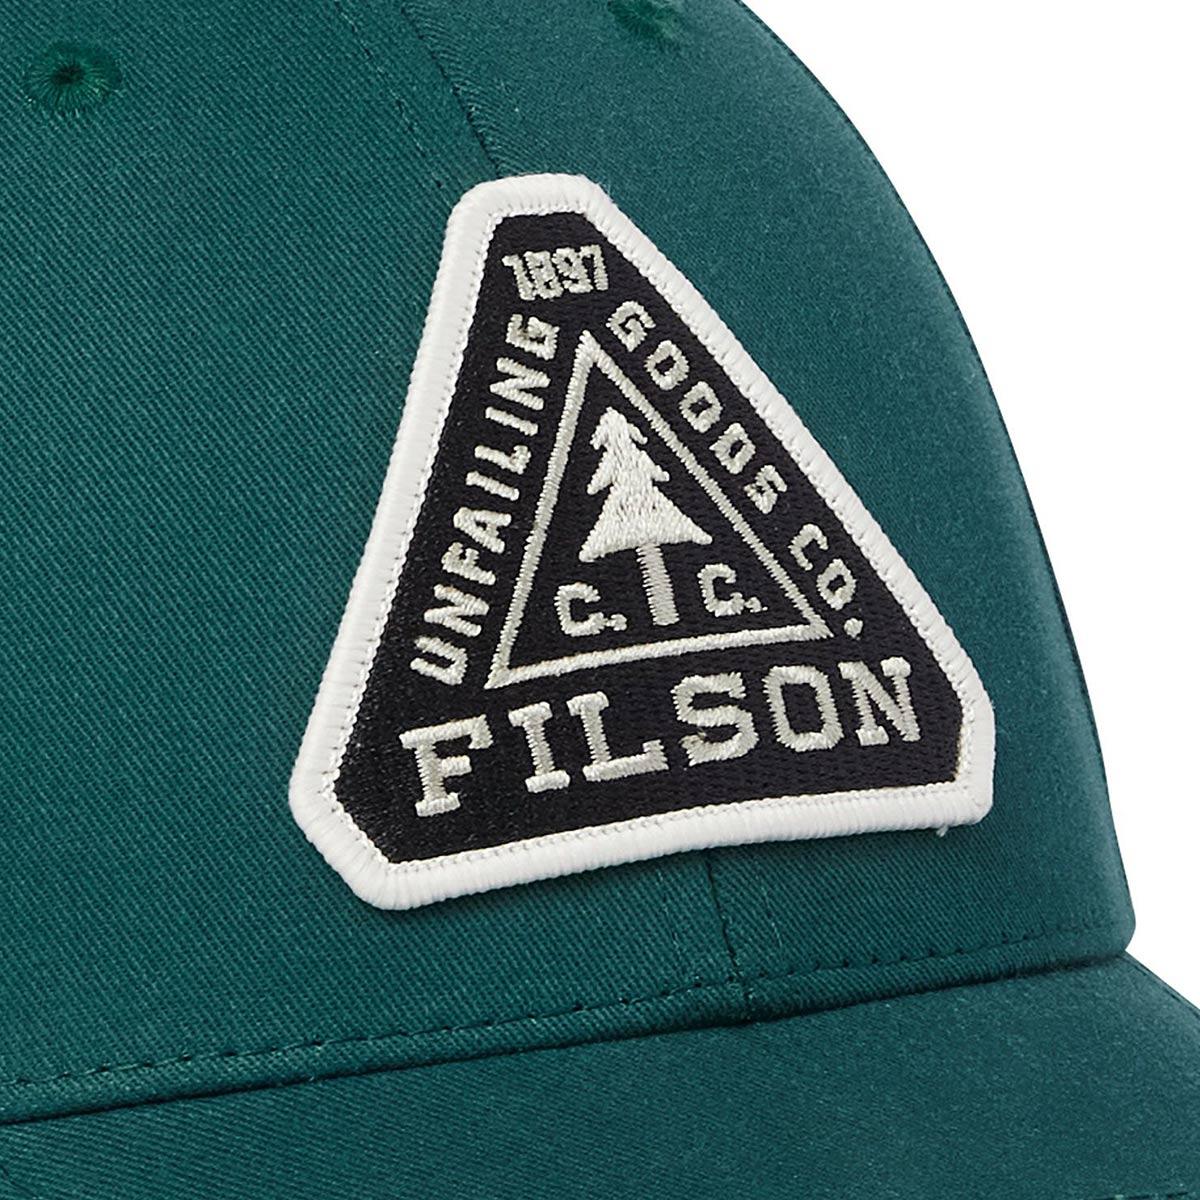 Filson Logger Cap Mallard Green, klassische 6-Panel Kappe, die vor Witterungseinflüssen schützt.